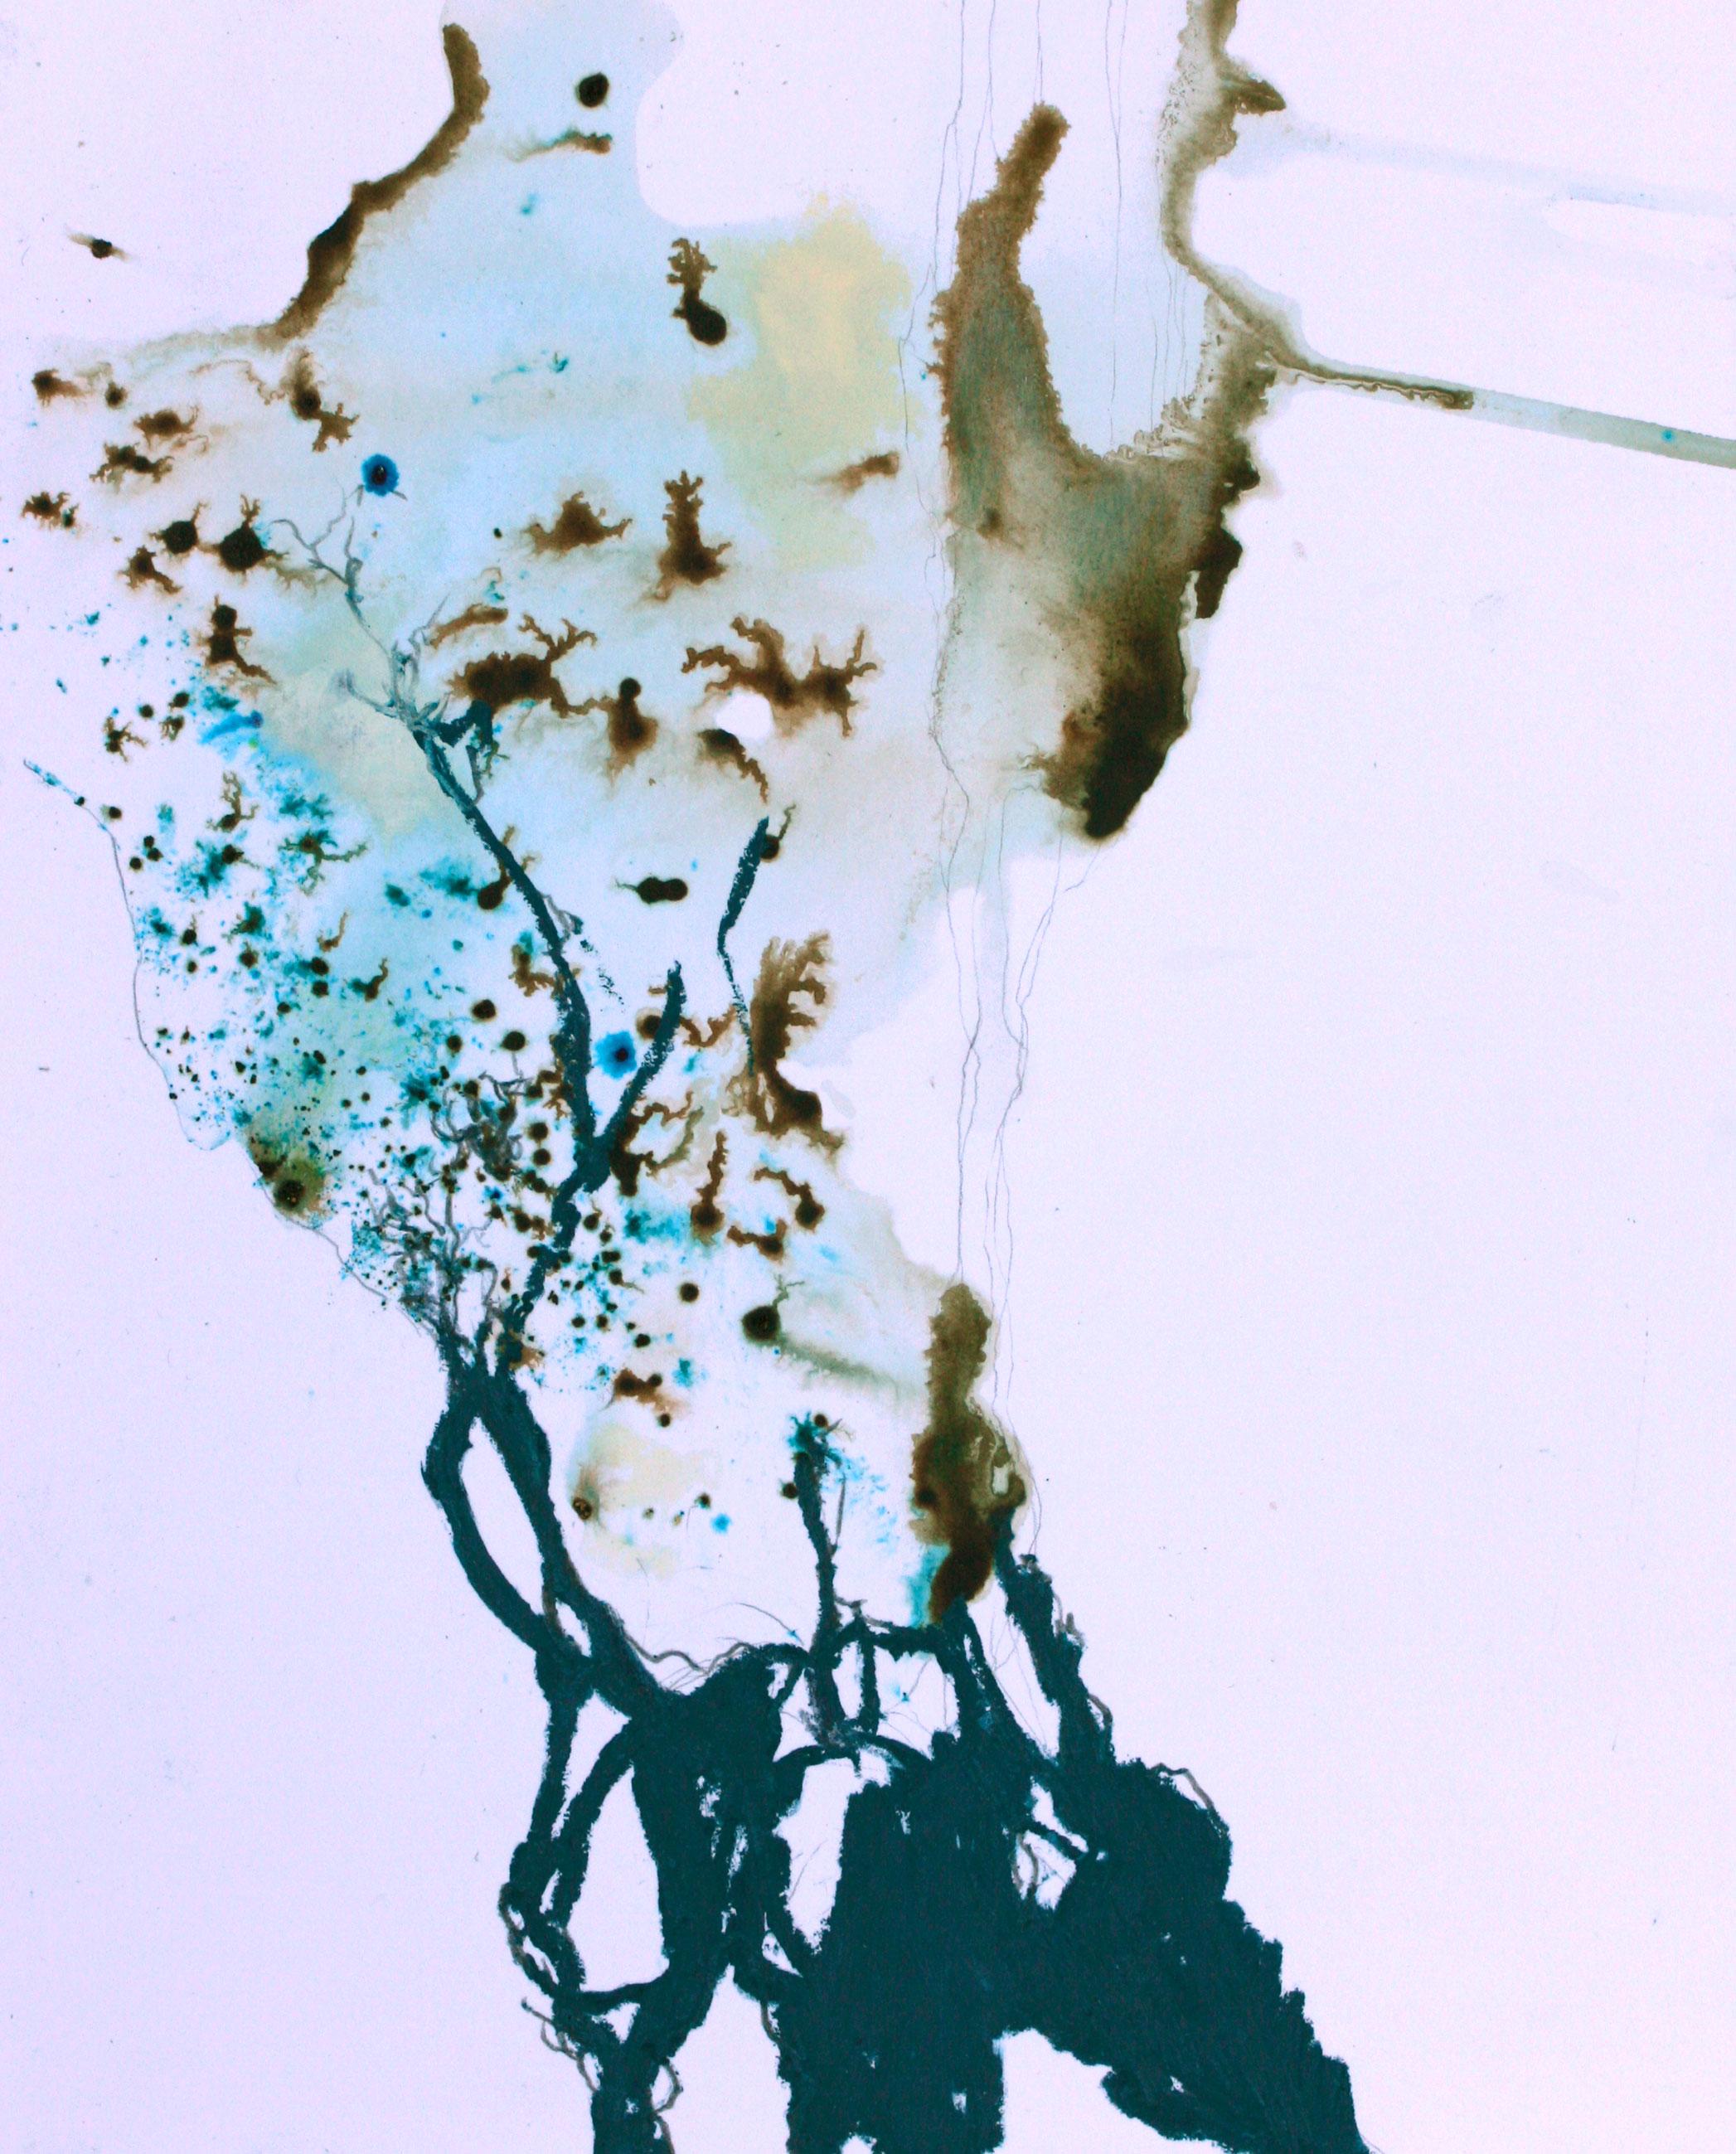 # 354 | Charlot Terhaar sive Droste